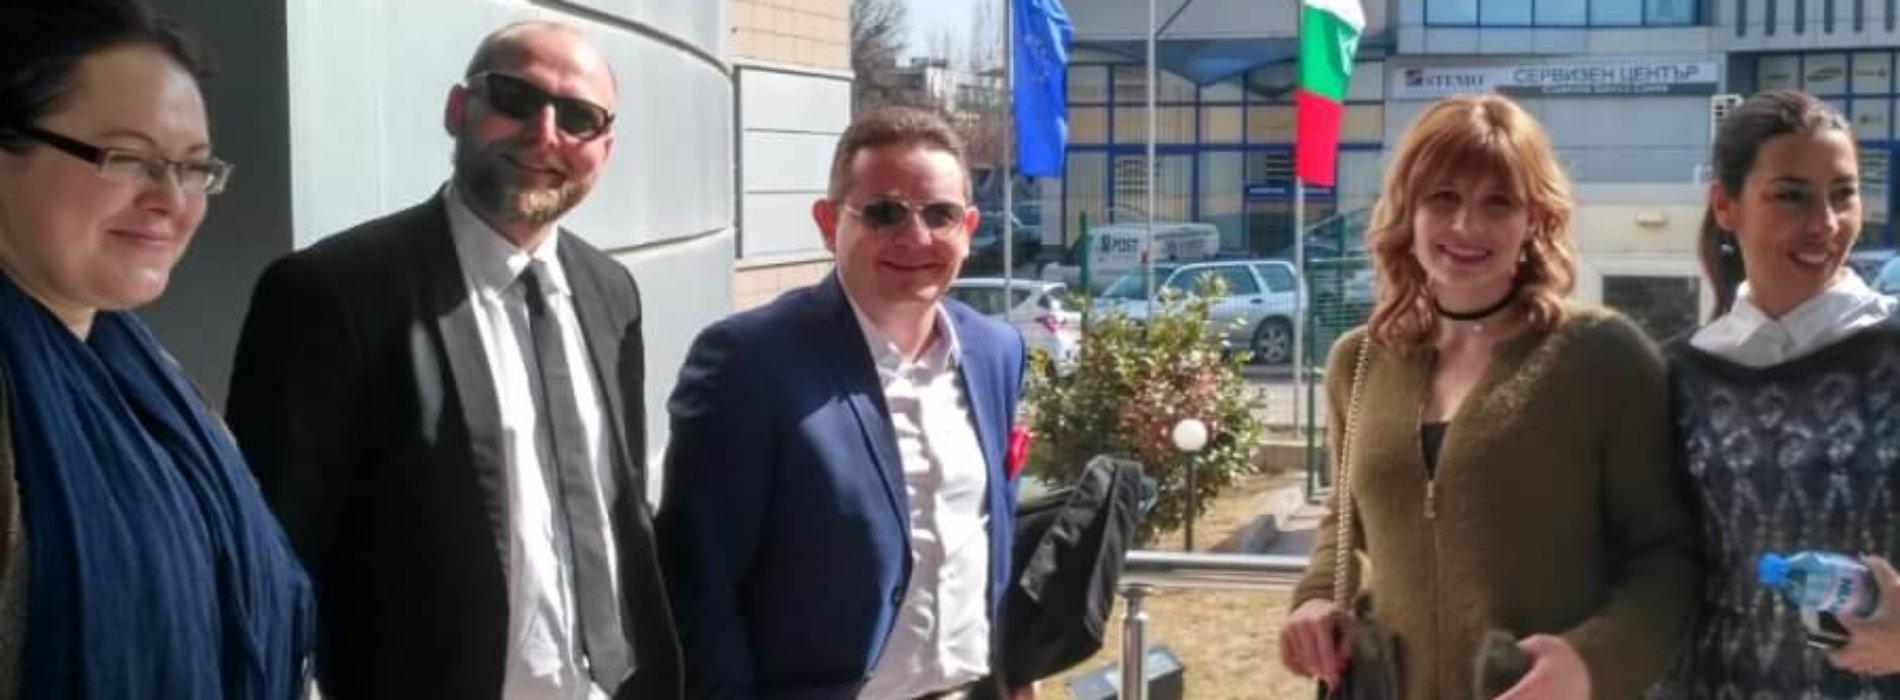 POLICJANT Z KSP WZIĄŁ UDZIAŁ W SPOTKANIU EKSPERCKIM W BUŁGARII